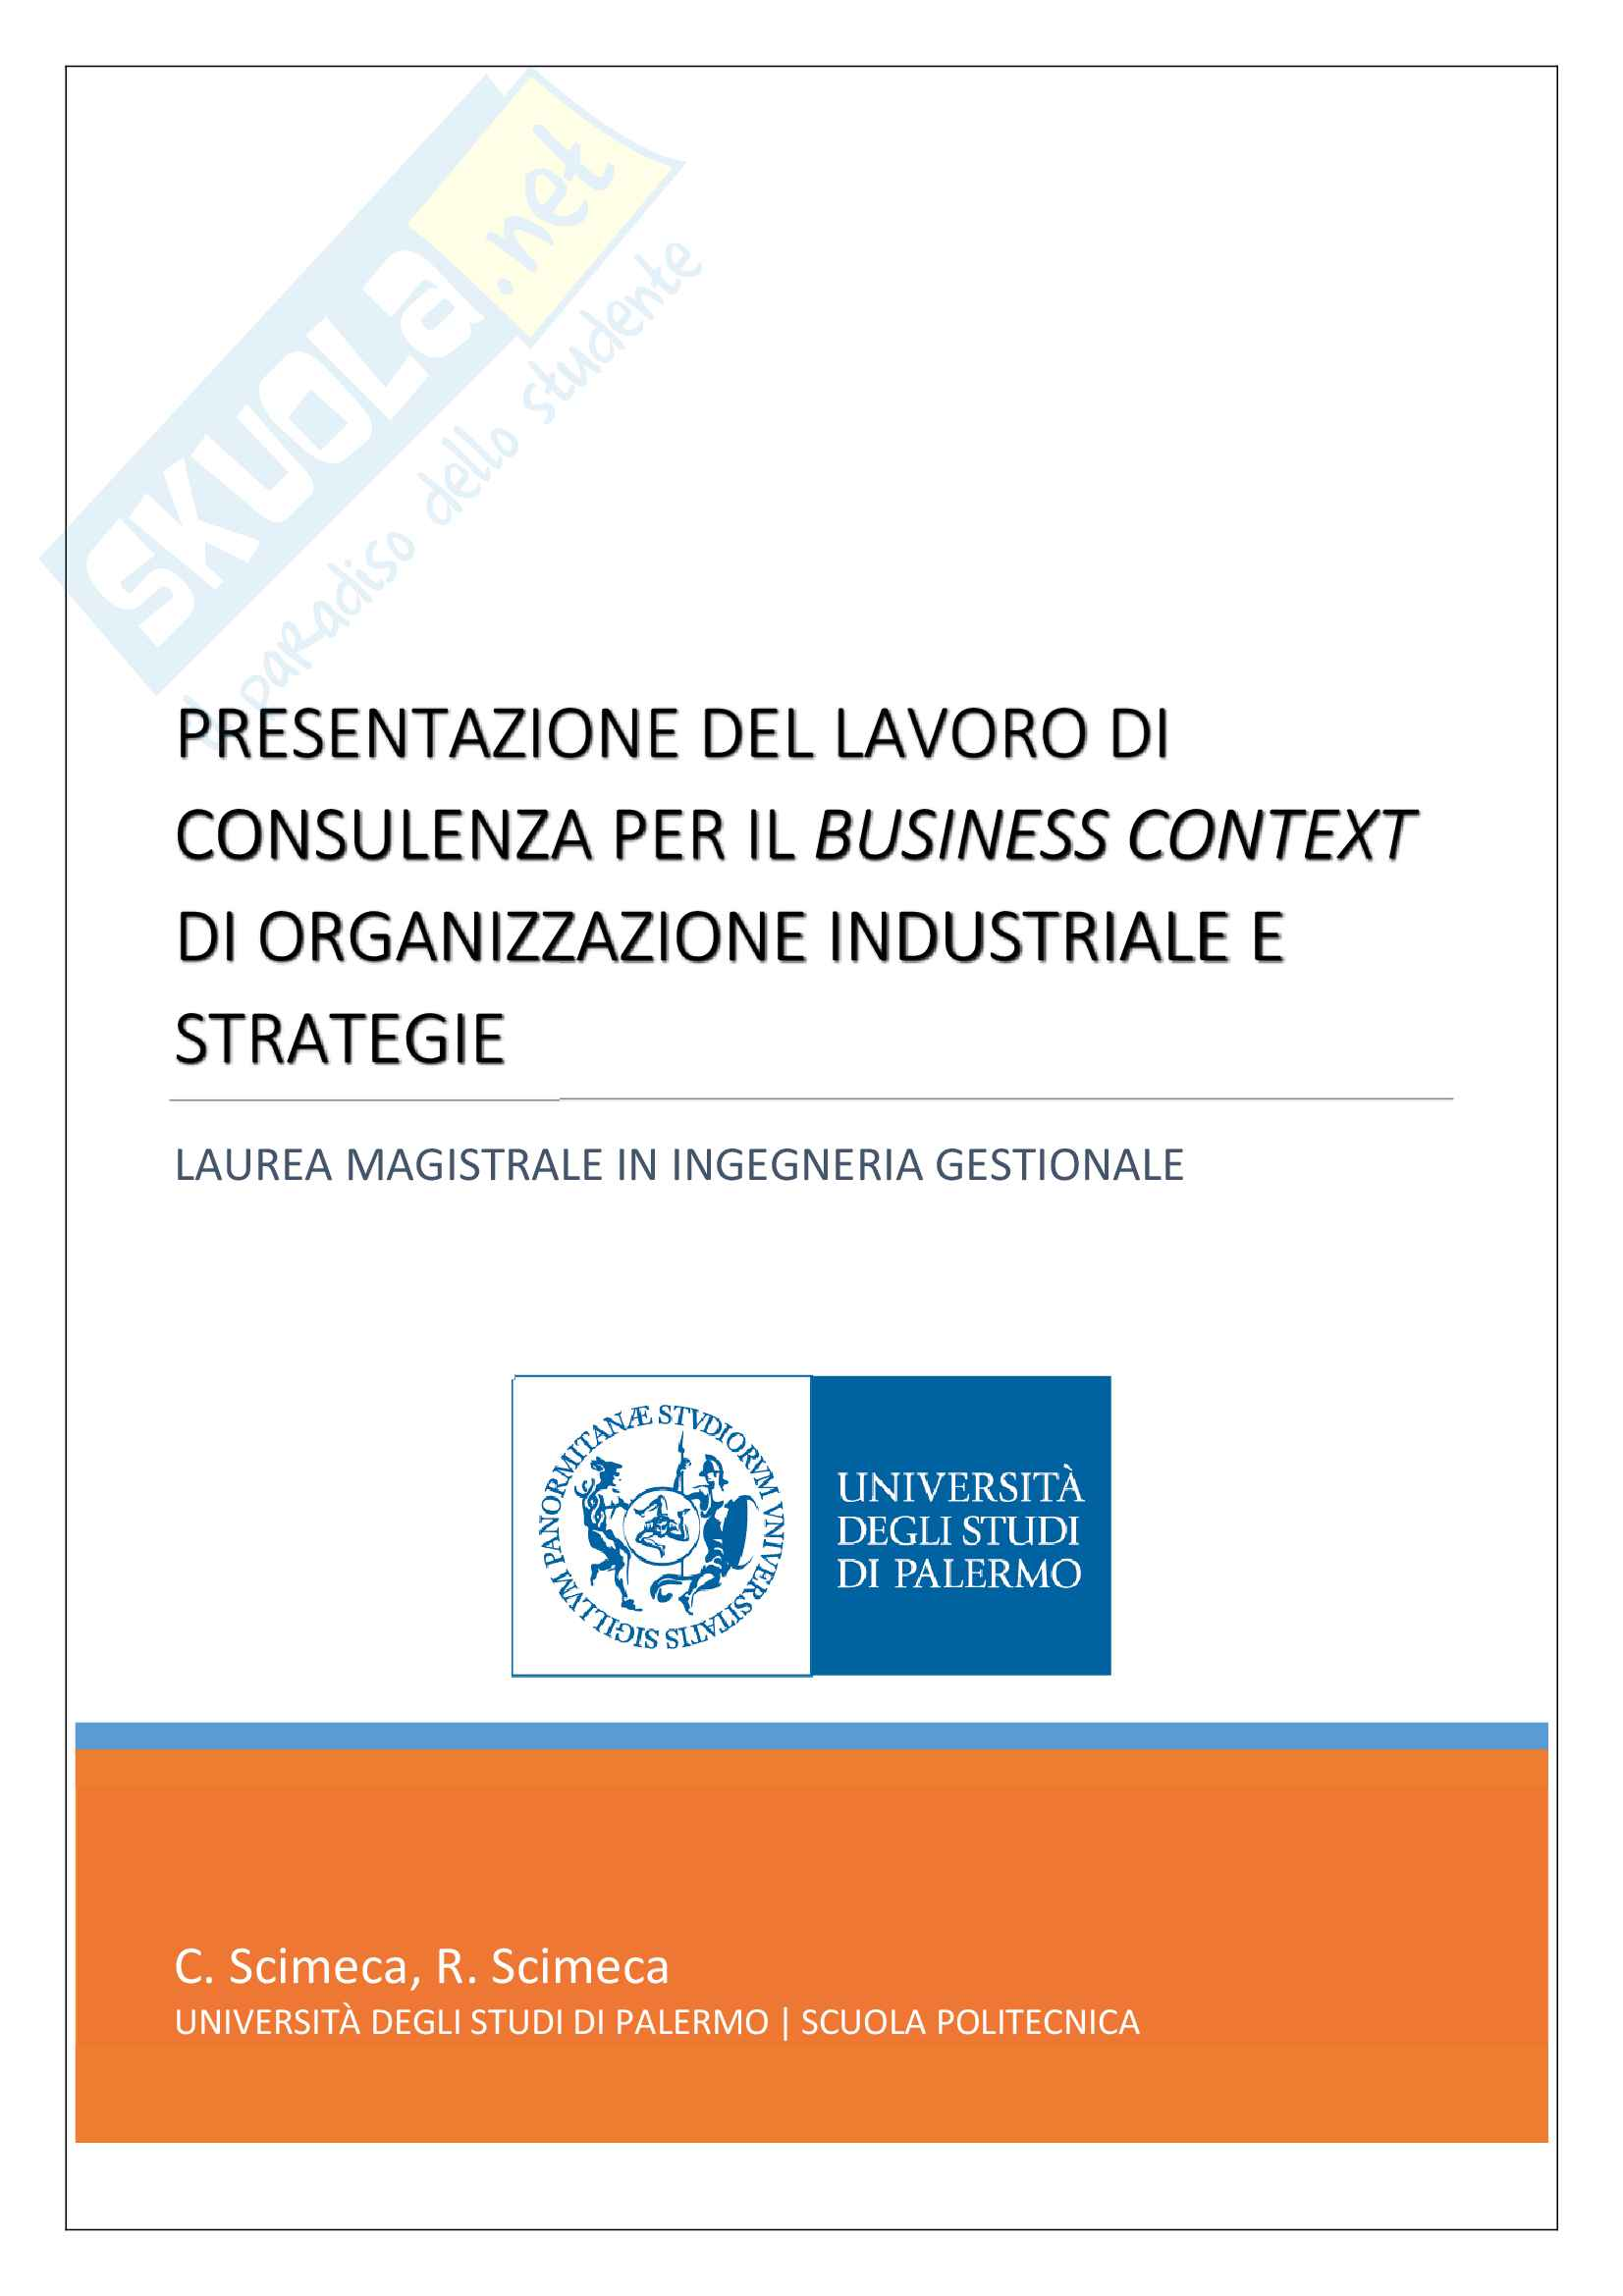 Presentazione lavoro di consulenza per azienda